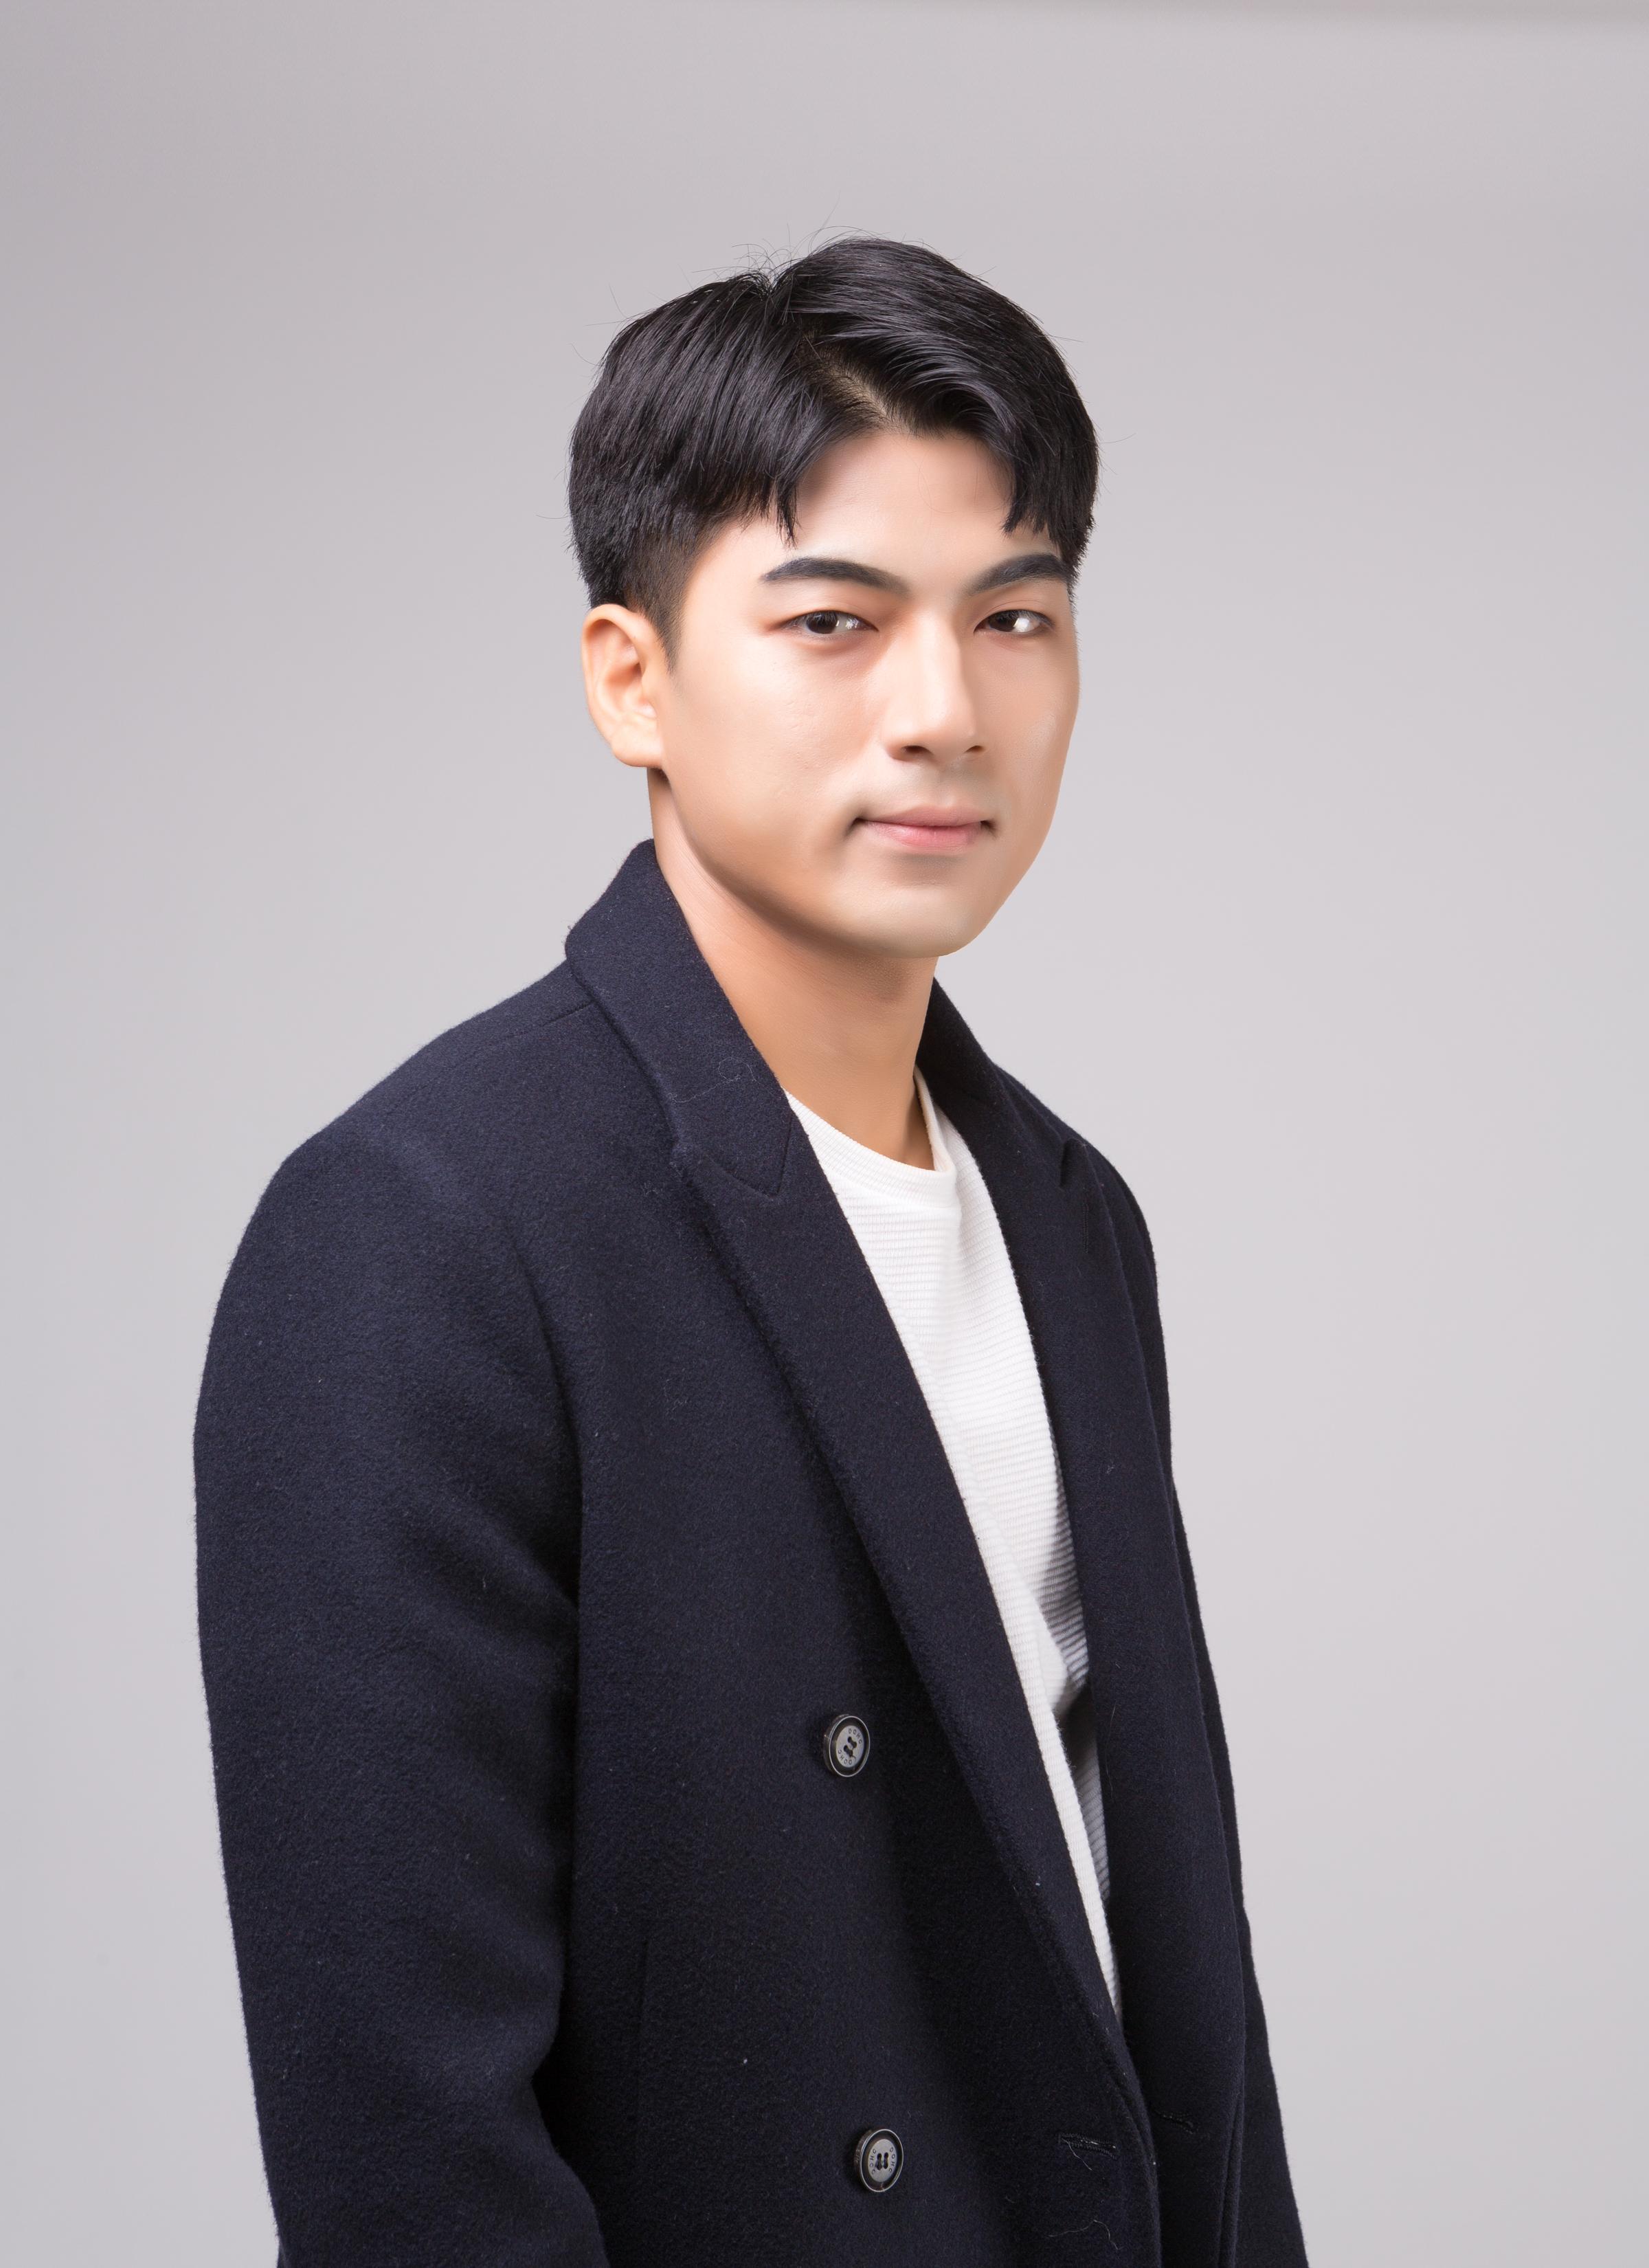 종로 아뜰리에 뷰티아카데미 김민정 수강생 작품